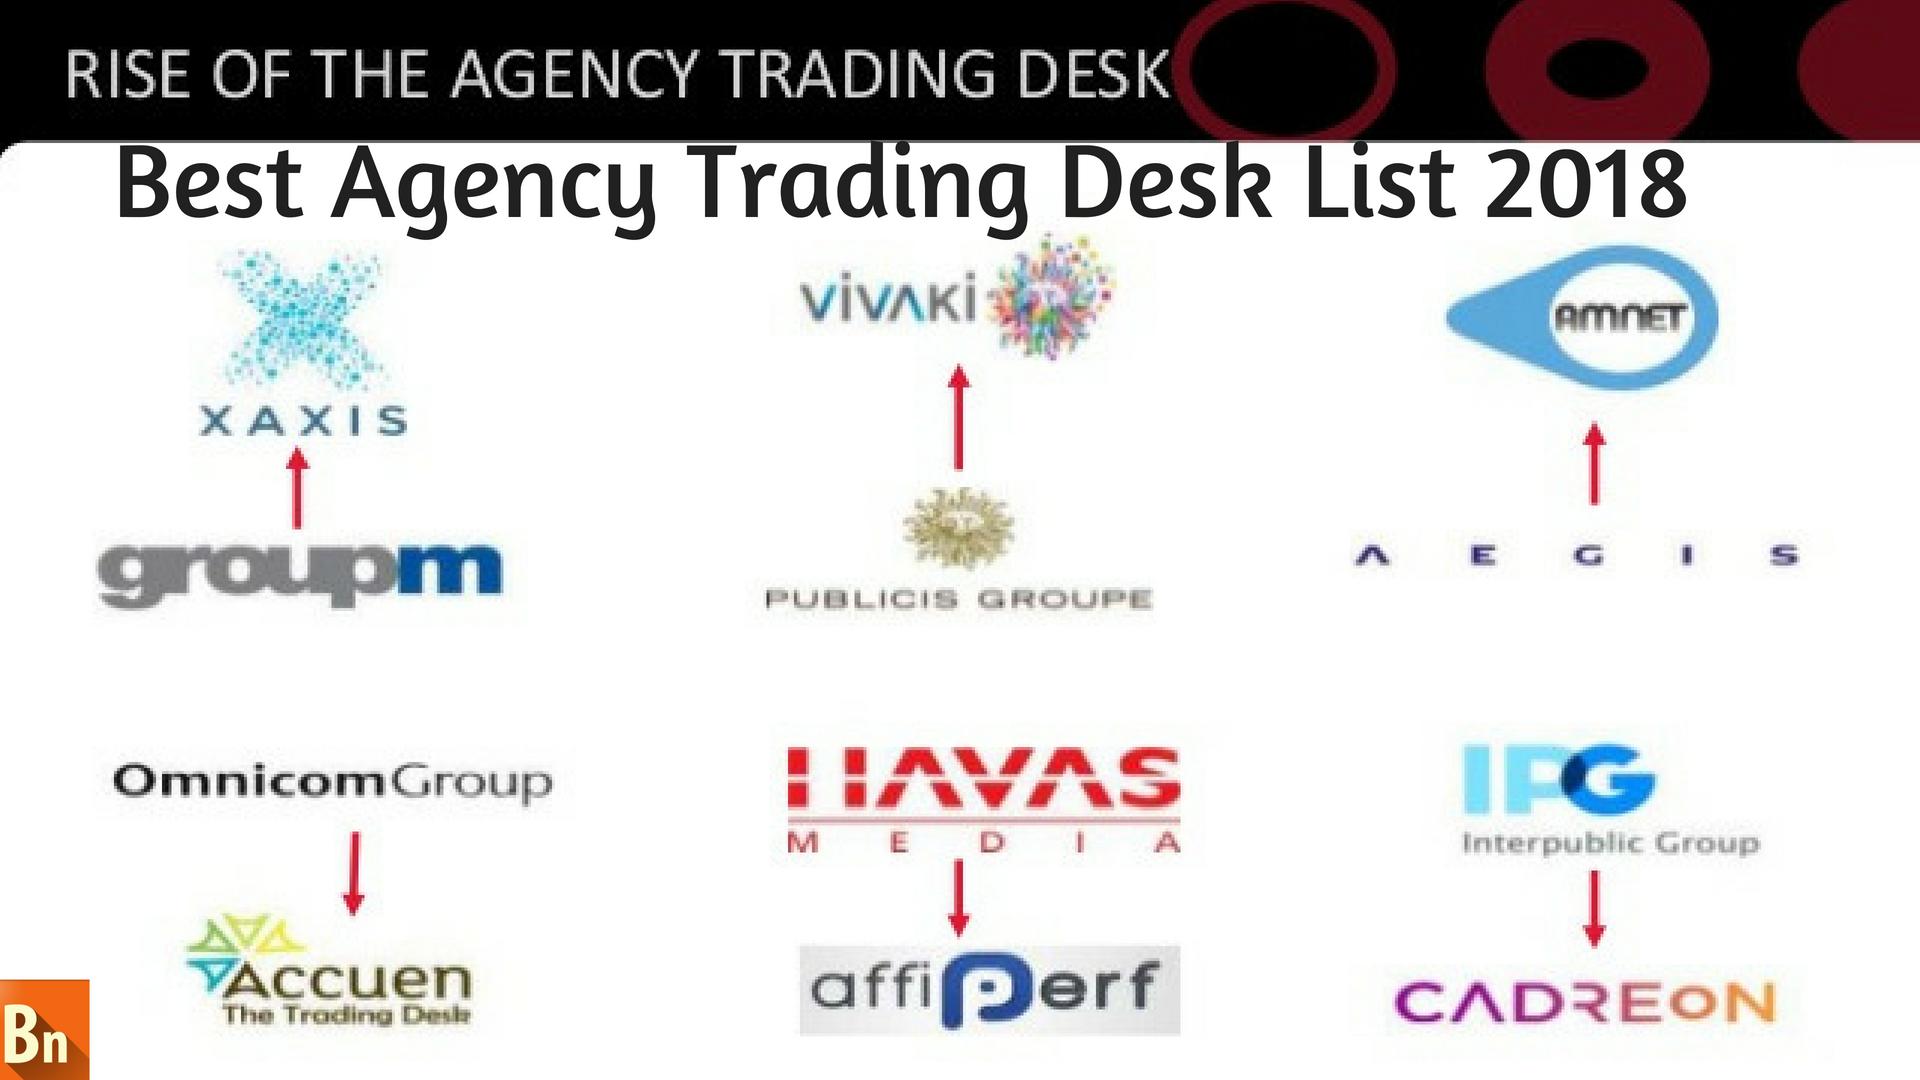 Best Agency Trading Desk List 2019